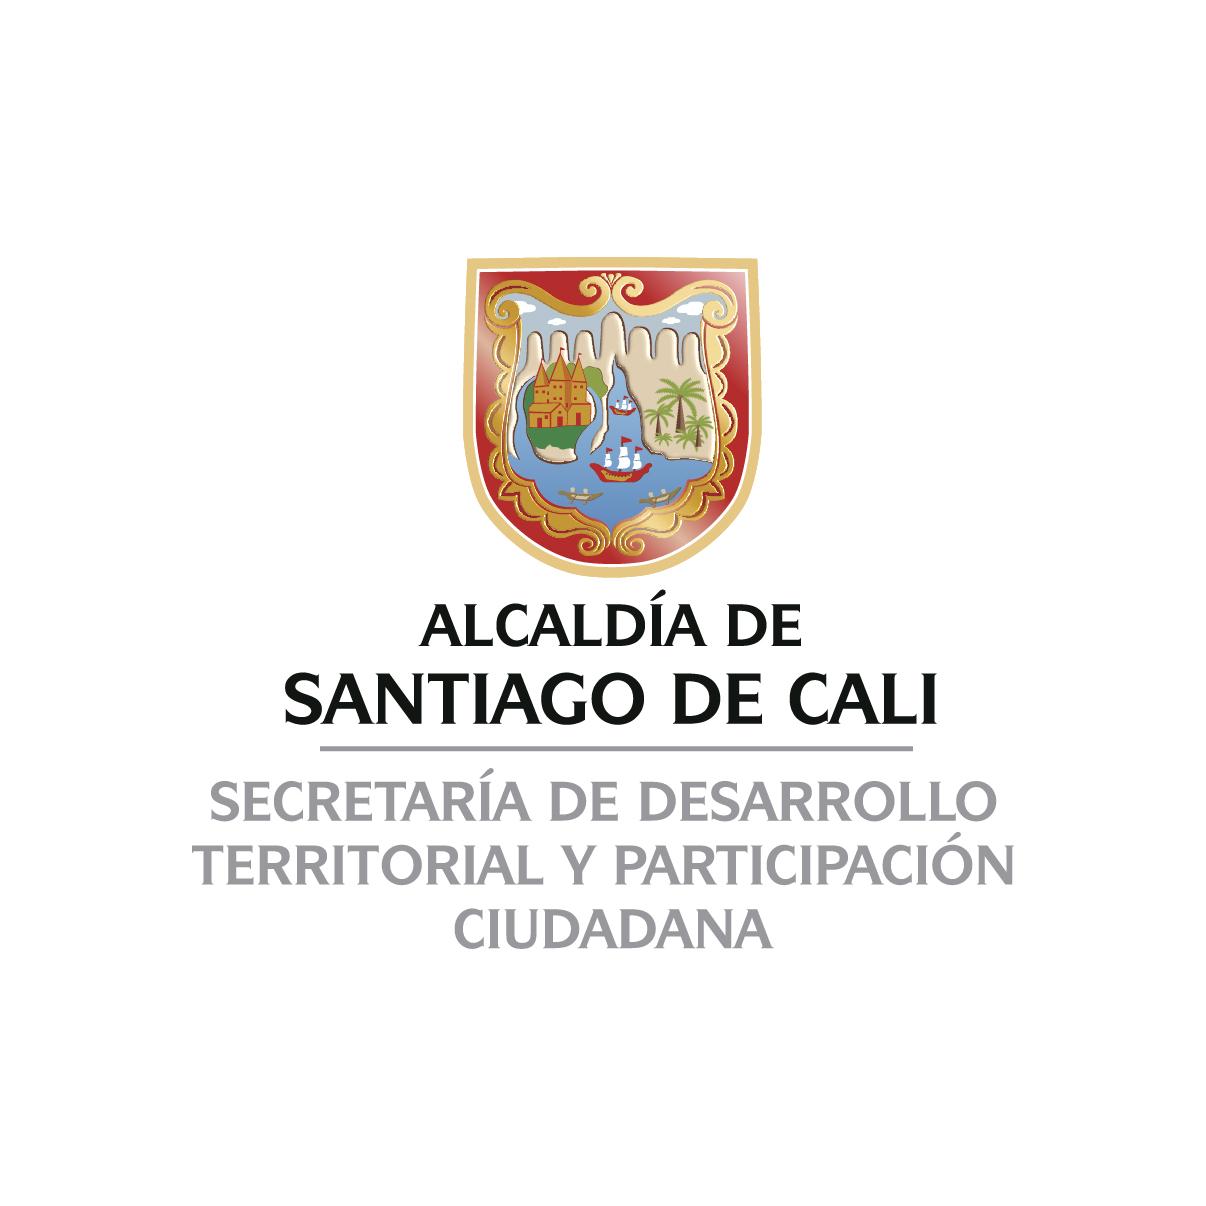 secretaria-de-desarrollo-territorial-y-participacion-ciudadana